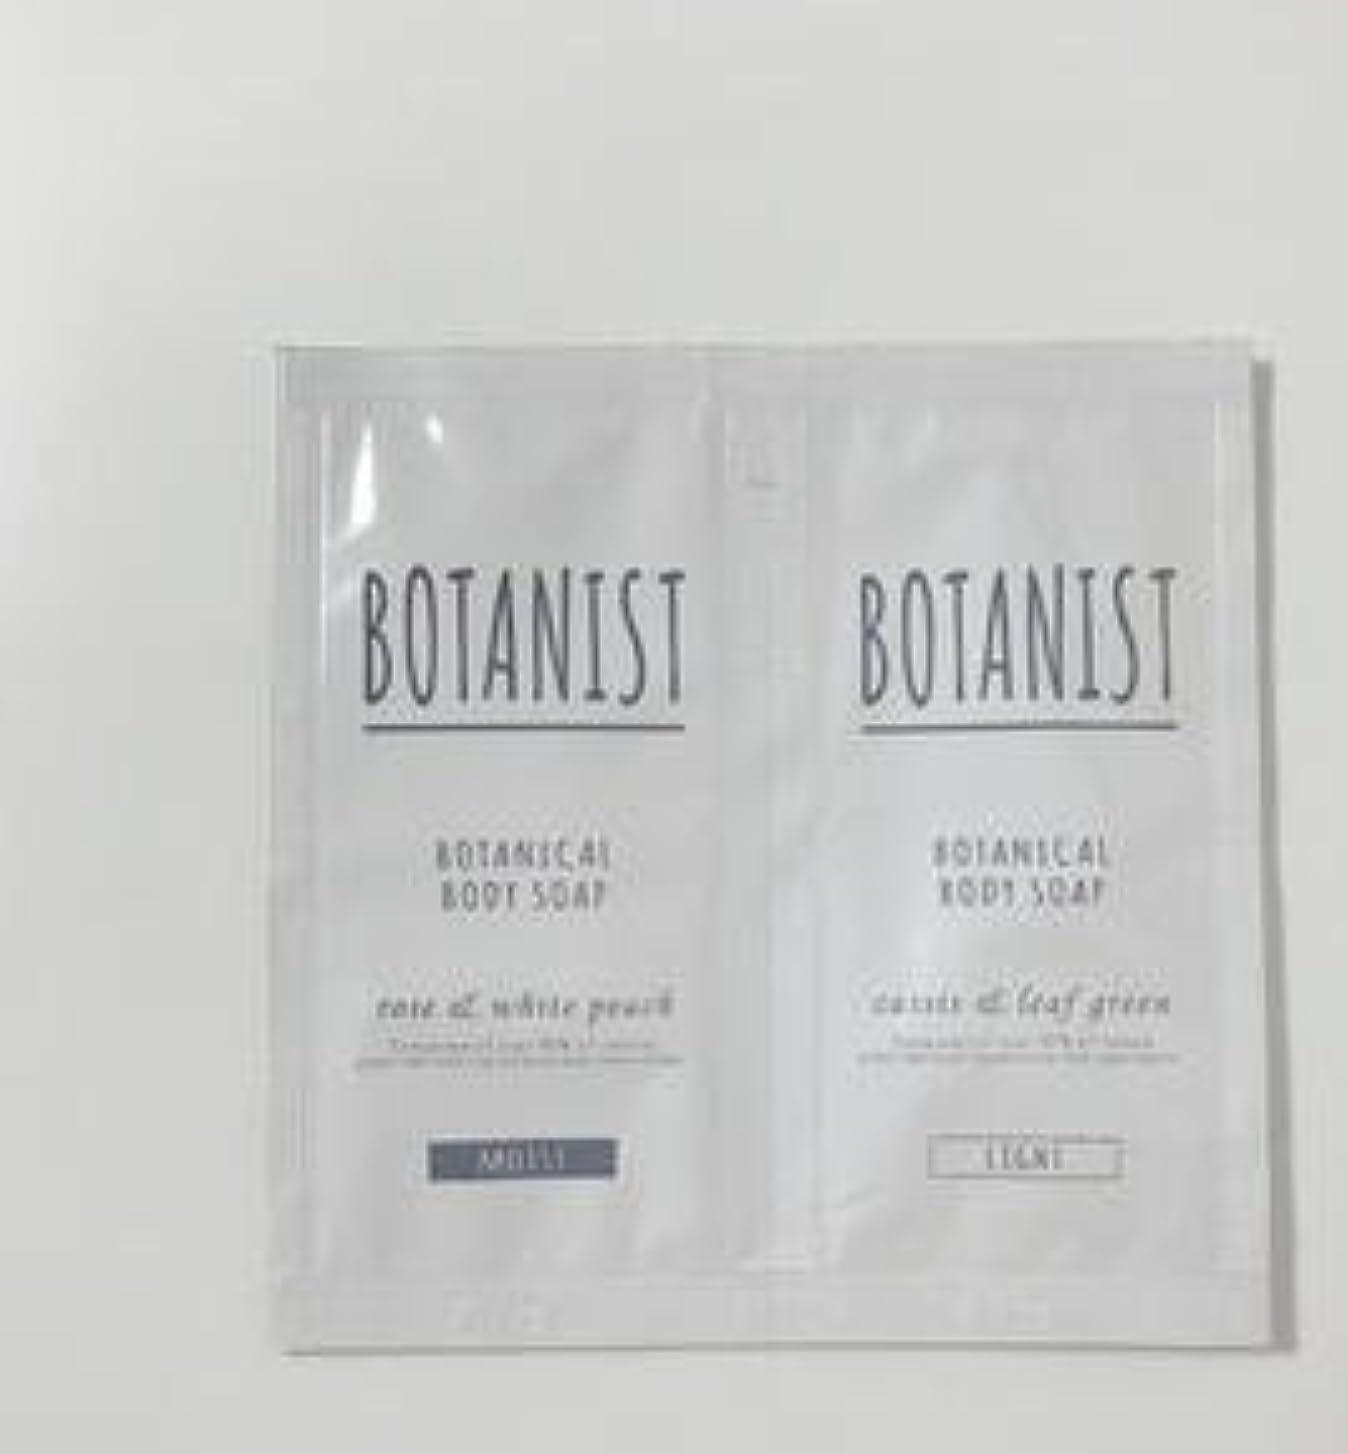 重要な暗記するBOTANIST ボタニカル ボディーソープ ライト&モイスト トライアルセット 8ml×2 (ライト&モイスト, 1個)